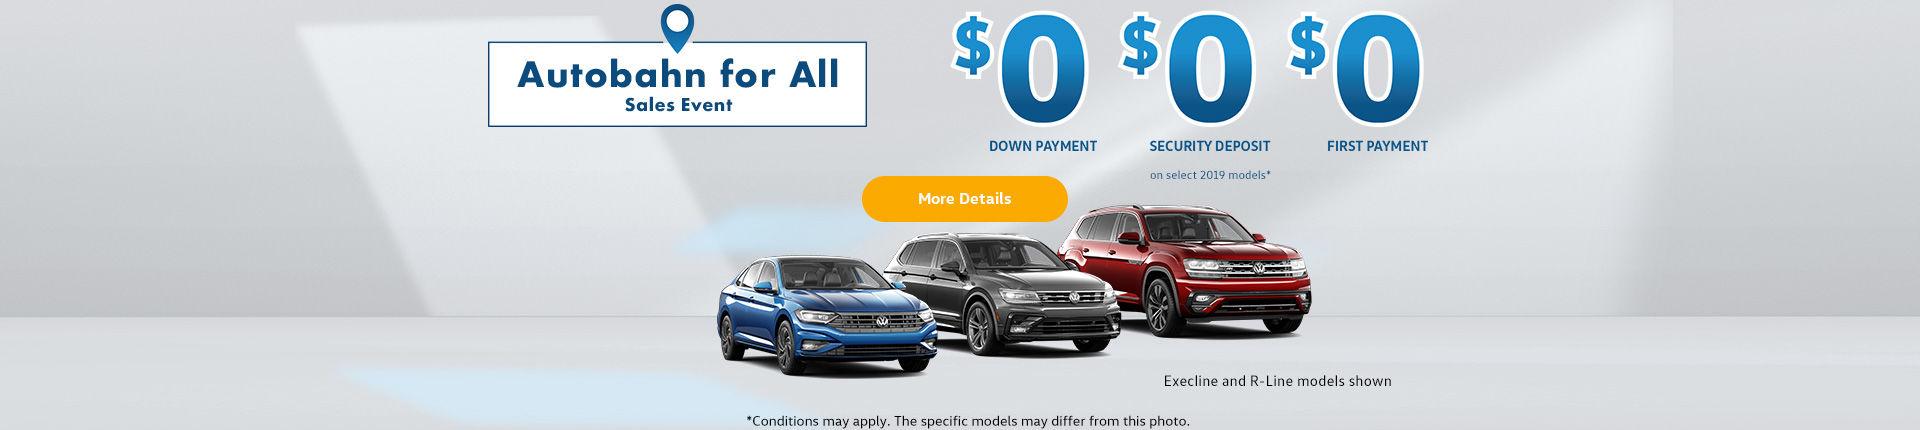 Volkswagen Autobahn sales event!